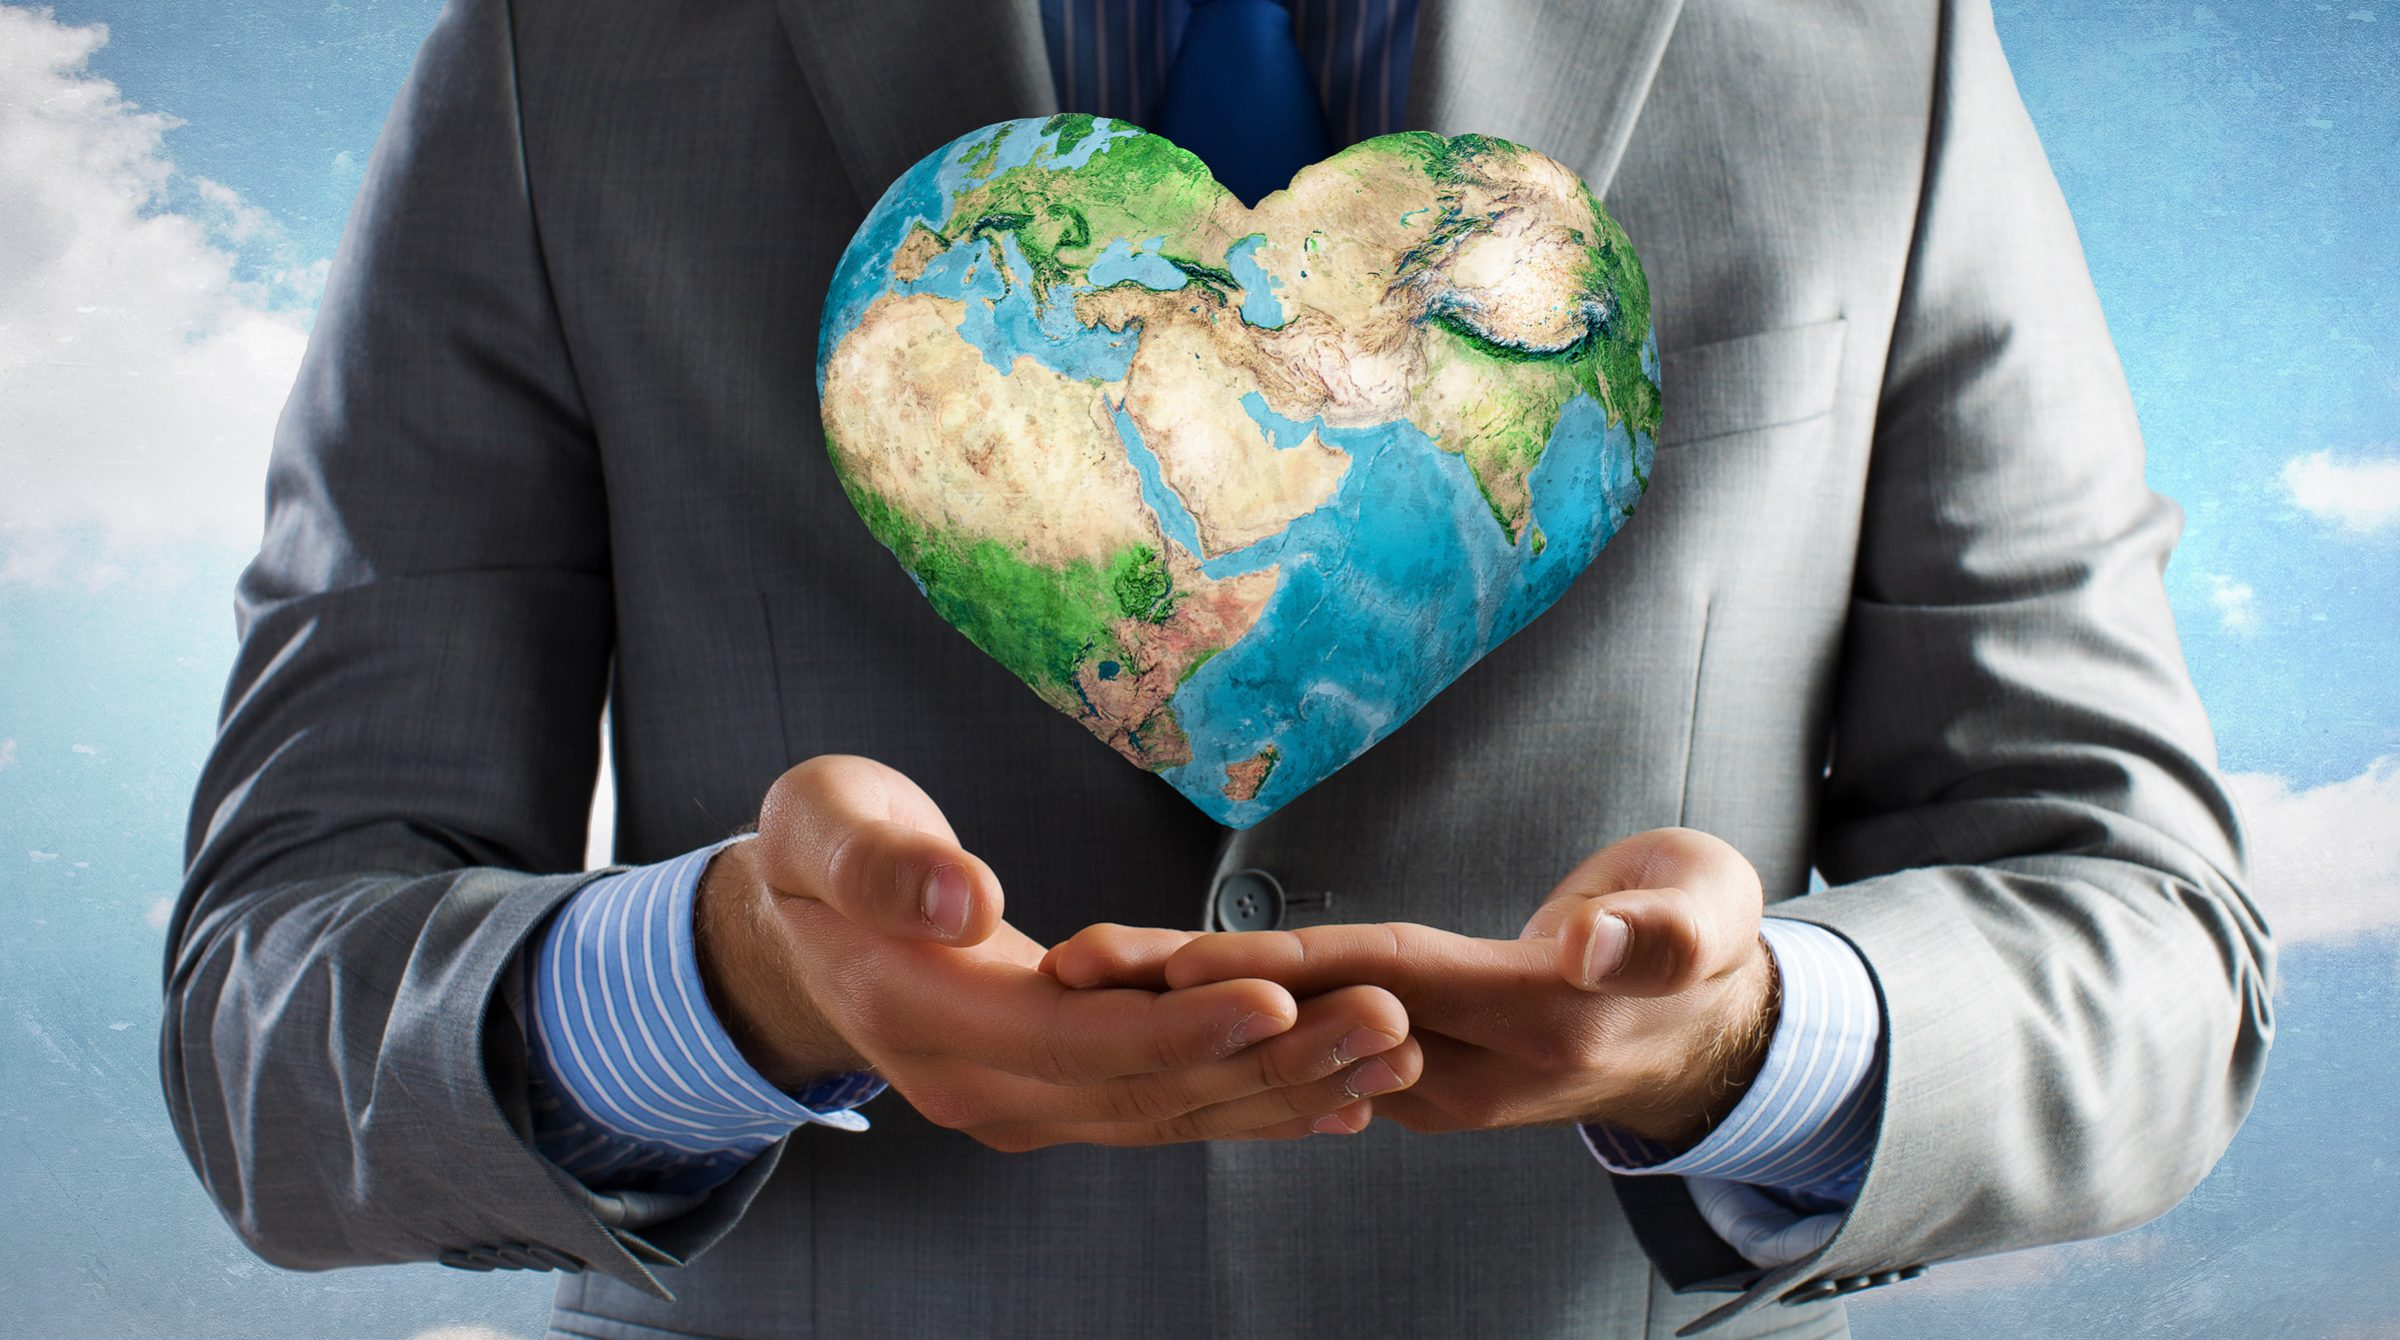 En jordglob i formen av ett hjärta